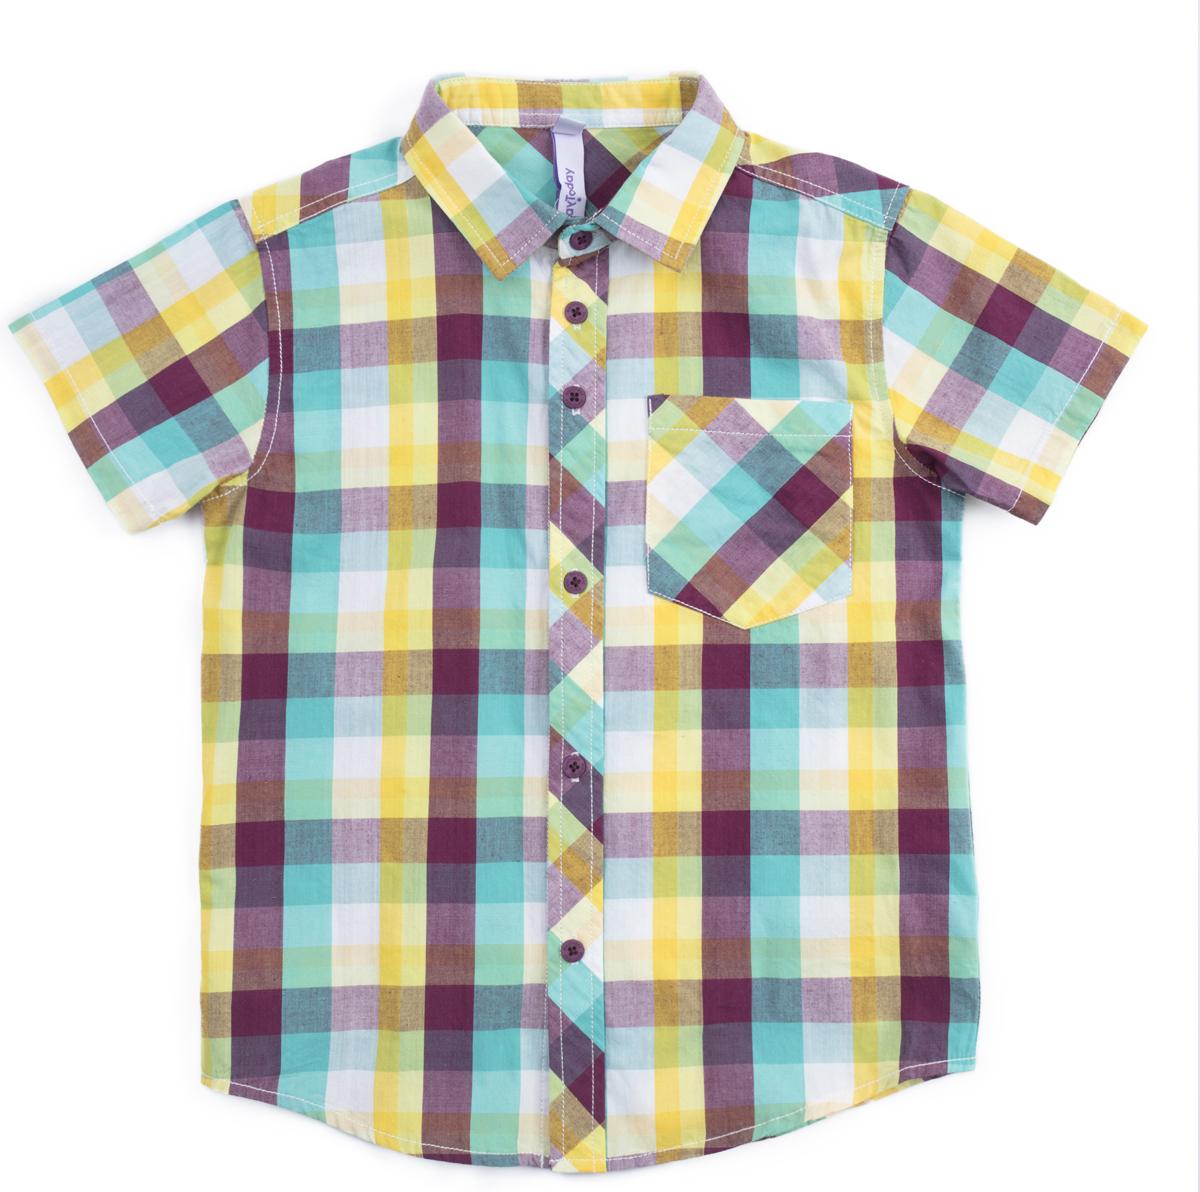 Рубашка для мальчика PlayToday, цвет: белый, желтый, голубой. 181153. Размер 116181153Сорочка с коротким рукавом классического кроя, выполнена из натурального материала. Модель дополнена накладным карманом.